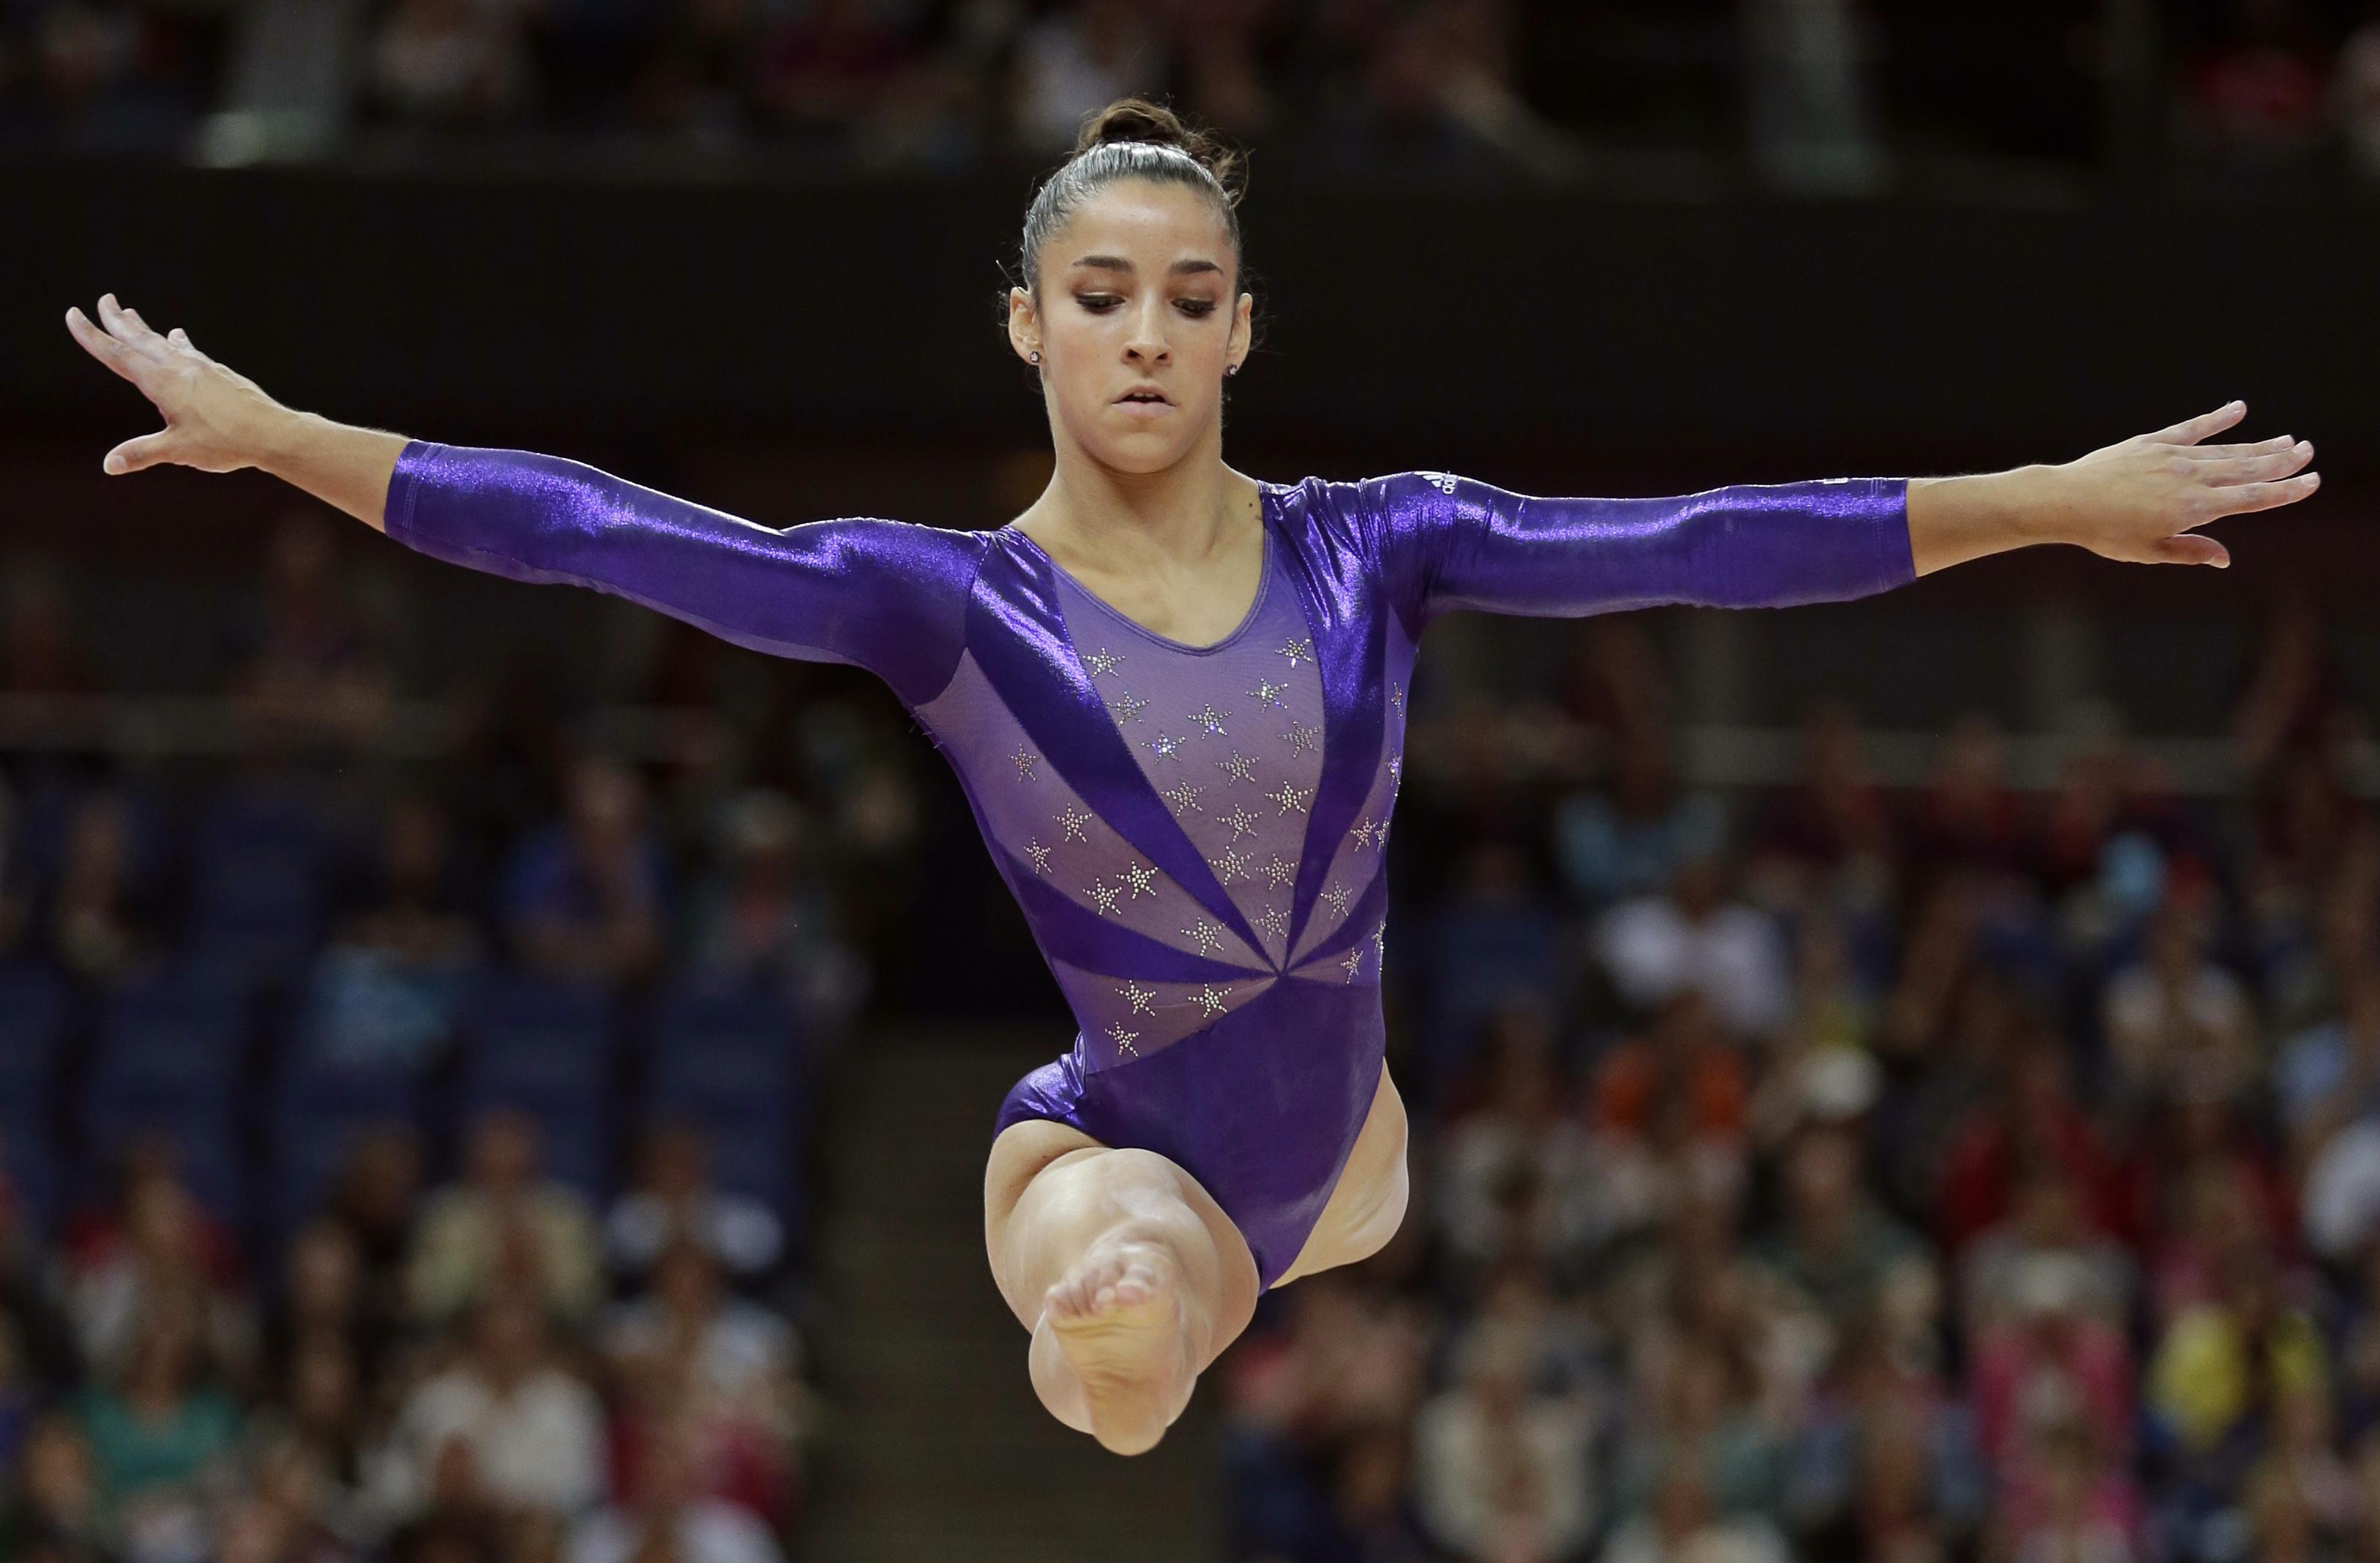 u s women s team viewed as favorites in gymnastics   the